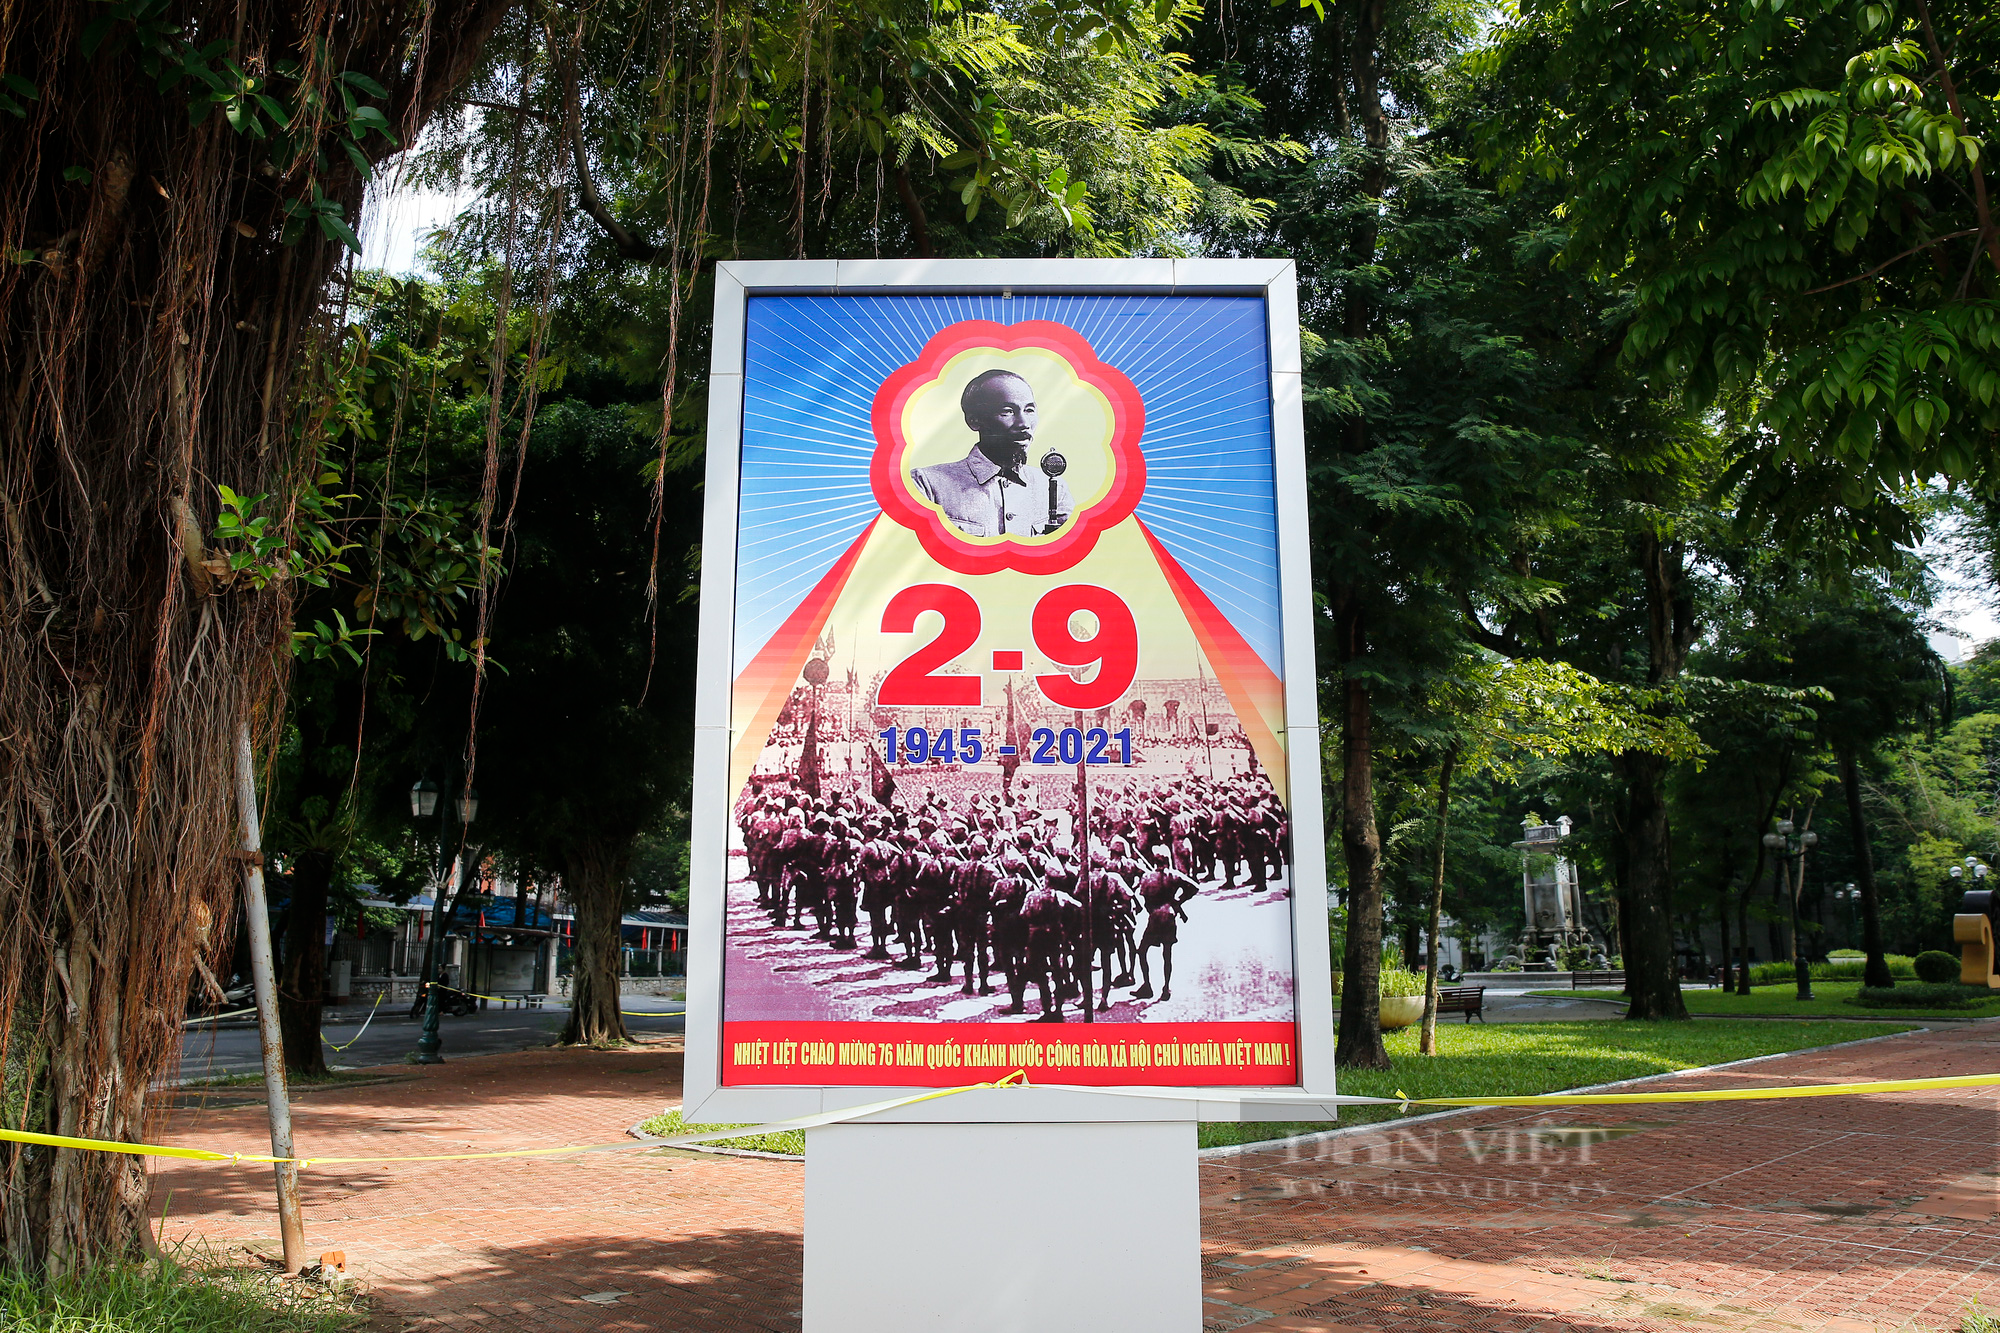 Đường phố Hà Nội rực rỡ sắc đỏ chào mừng Quốc khánh 2/9 - Ảnh 4.